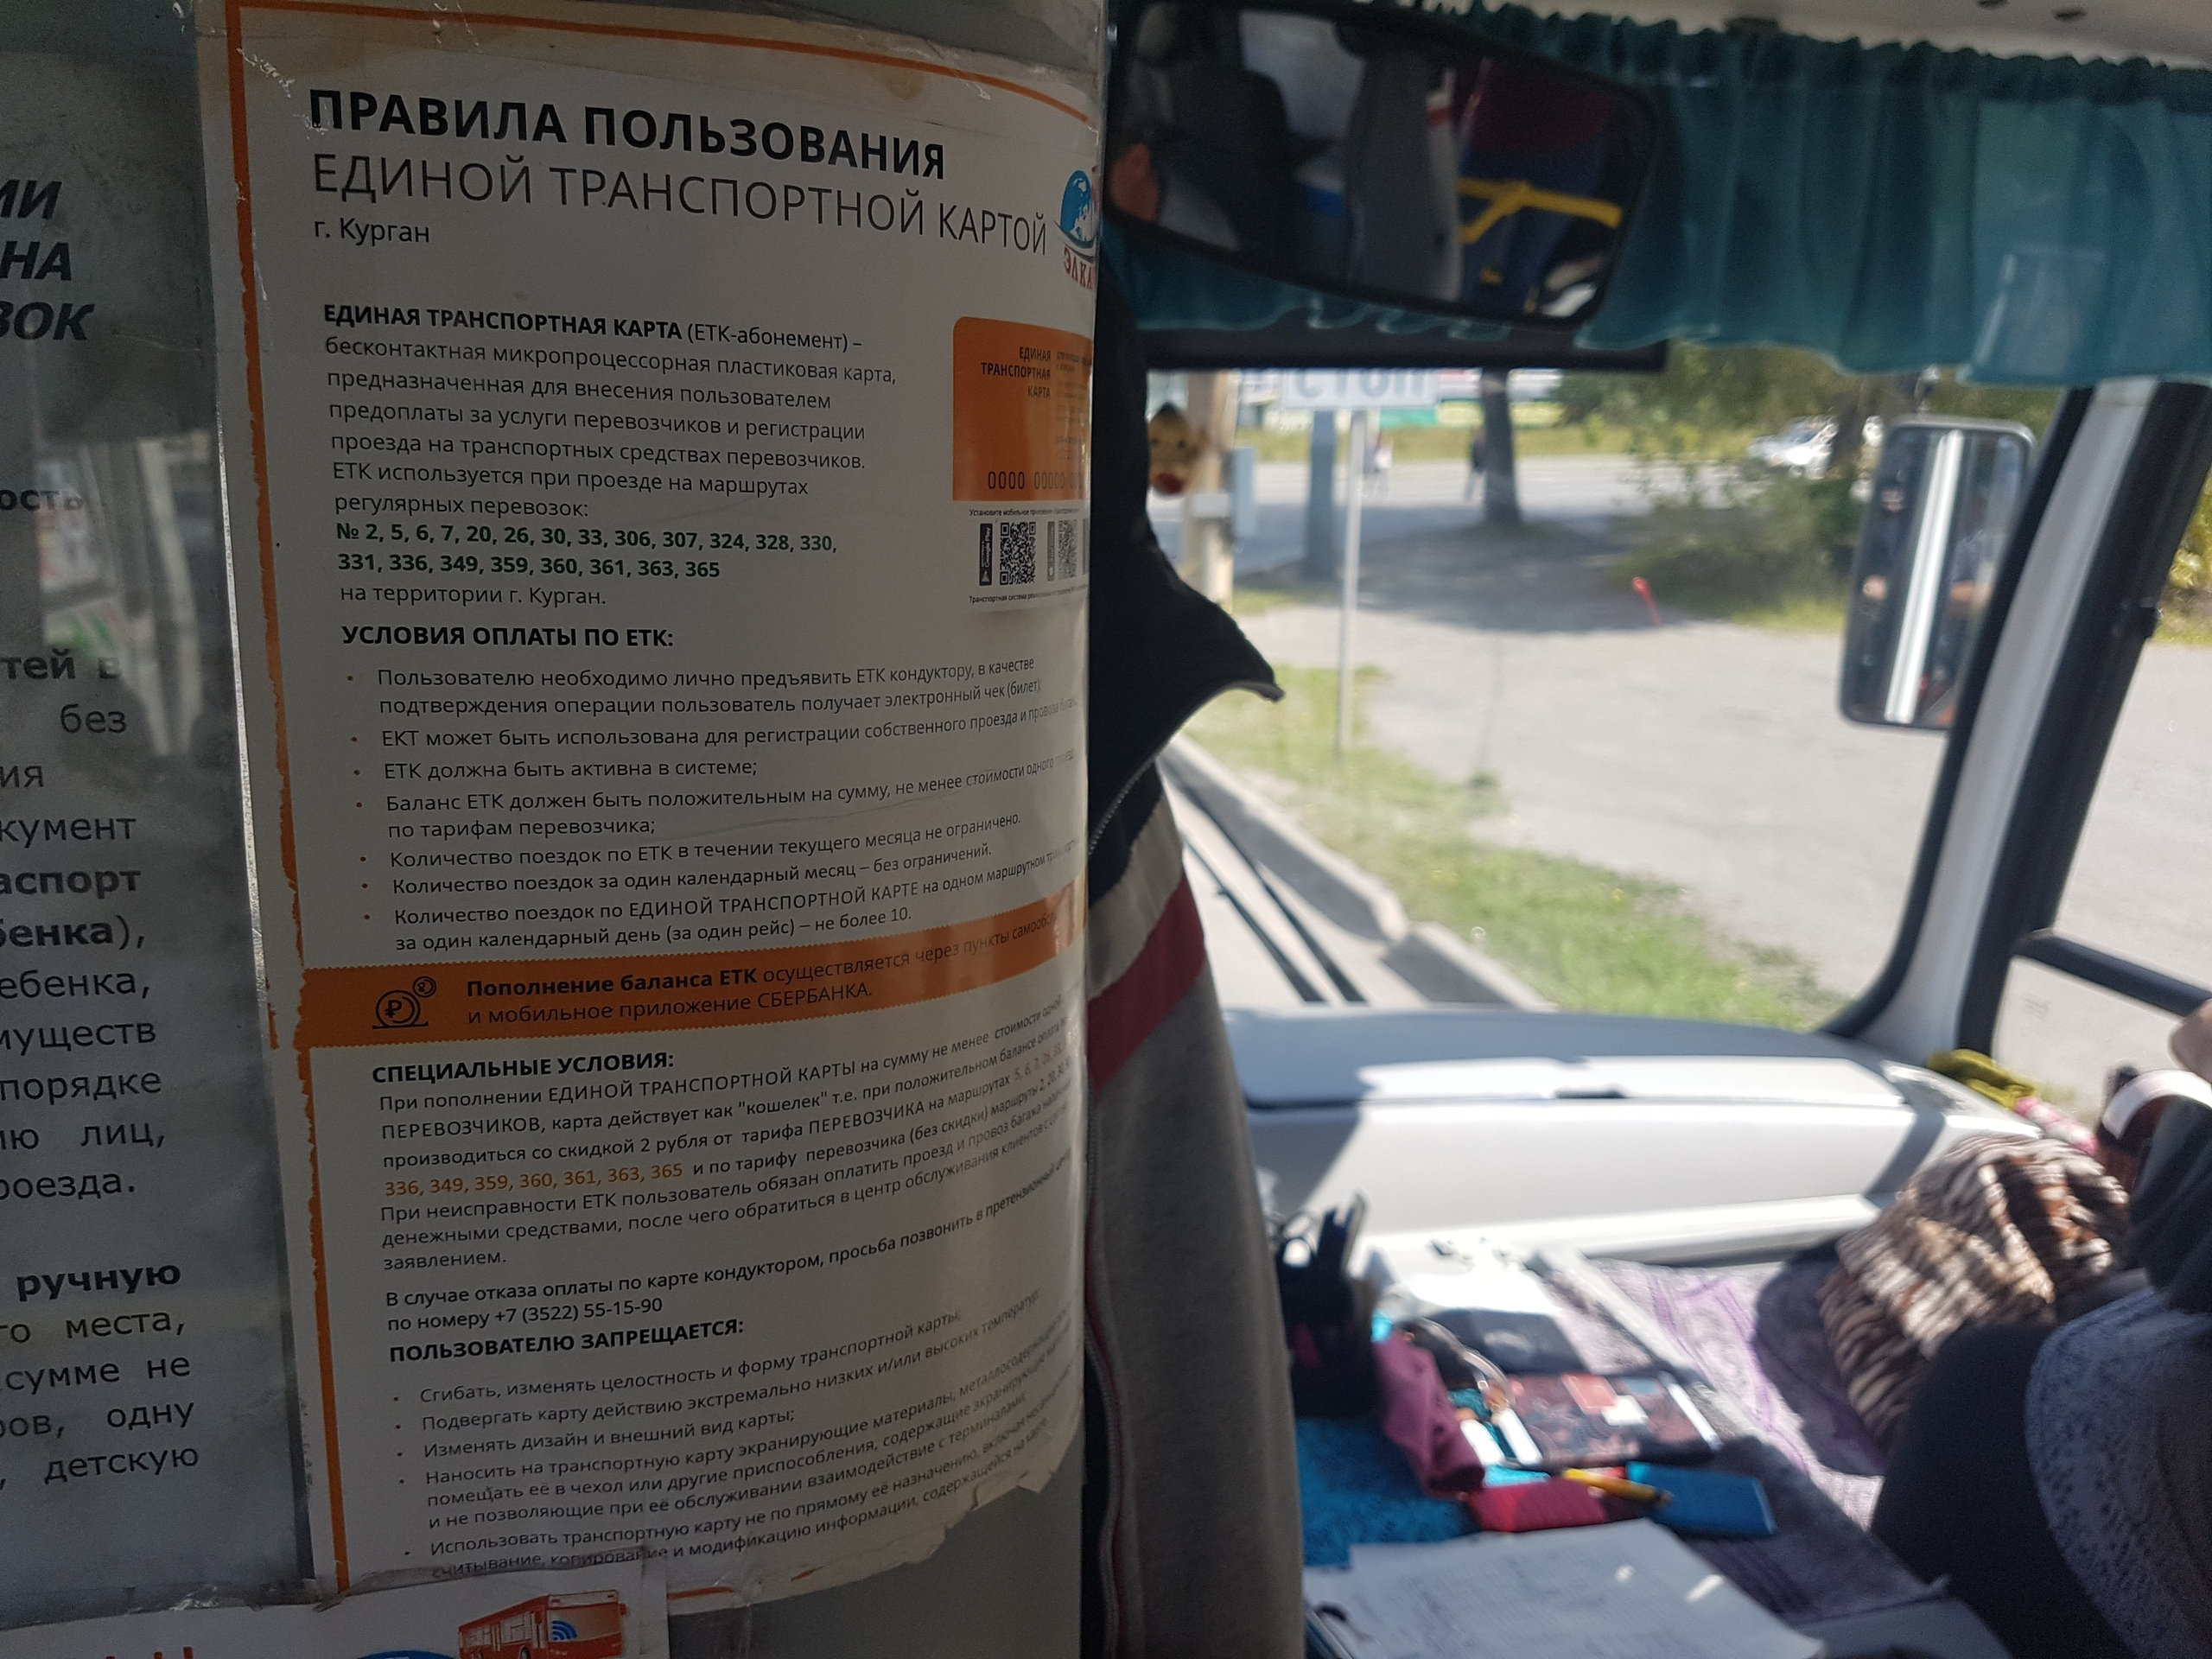 В Кургане перевозчики активно внедряют электронные системы оплаты проезда